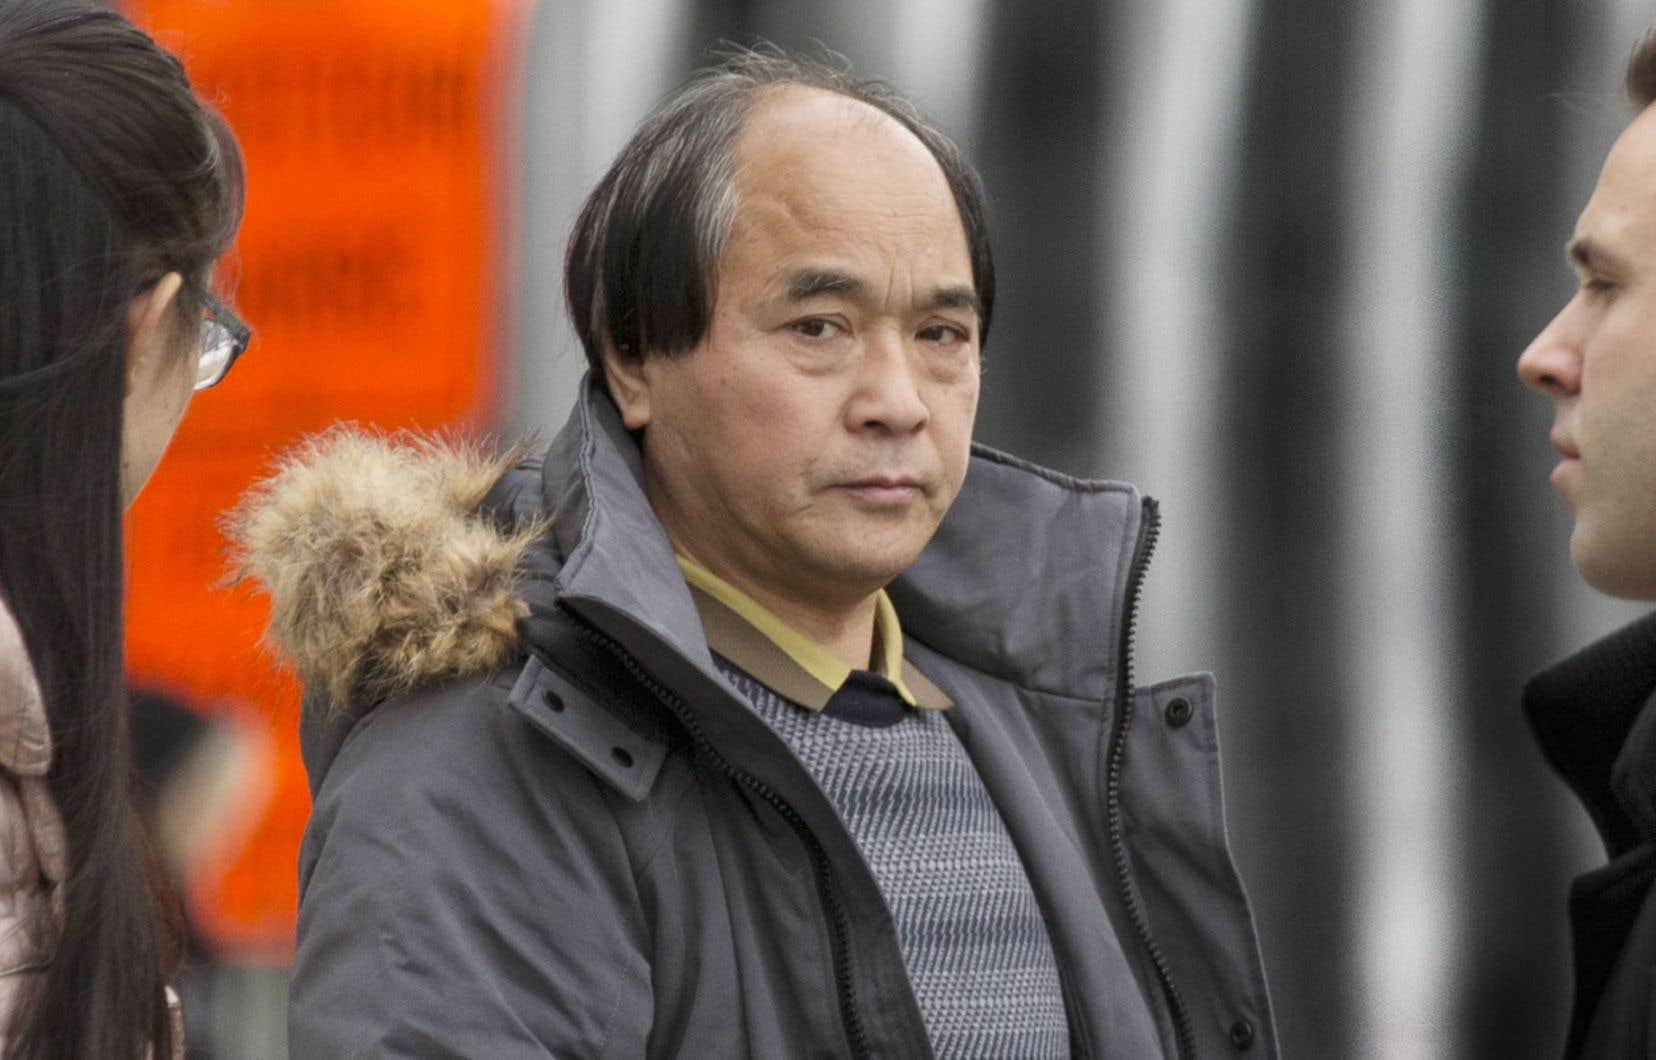 Diran Lin, le père de la victime, Jun Lin, ne sait toujours pas précisément ce qui est arrivé le soir du meurtre.